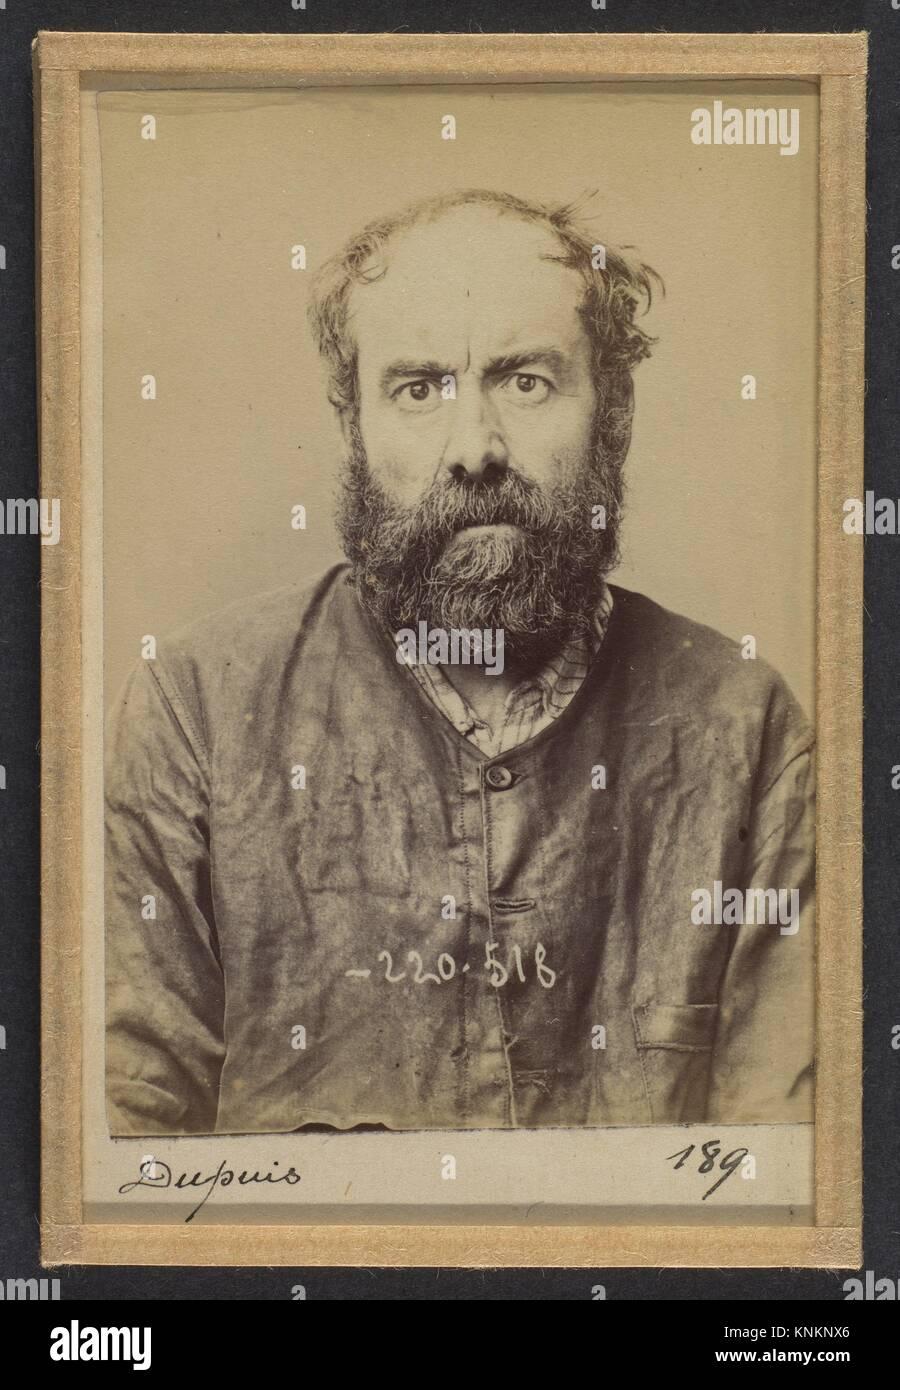 Dupuis. Augustin. 53 ans, né le 24/6/41 à Dourdan (Seine & Oise). Charron, forgeron. Anarchiste. 3/7/94. Artist: Stock Photo